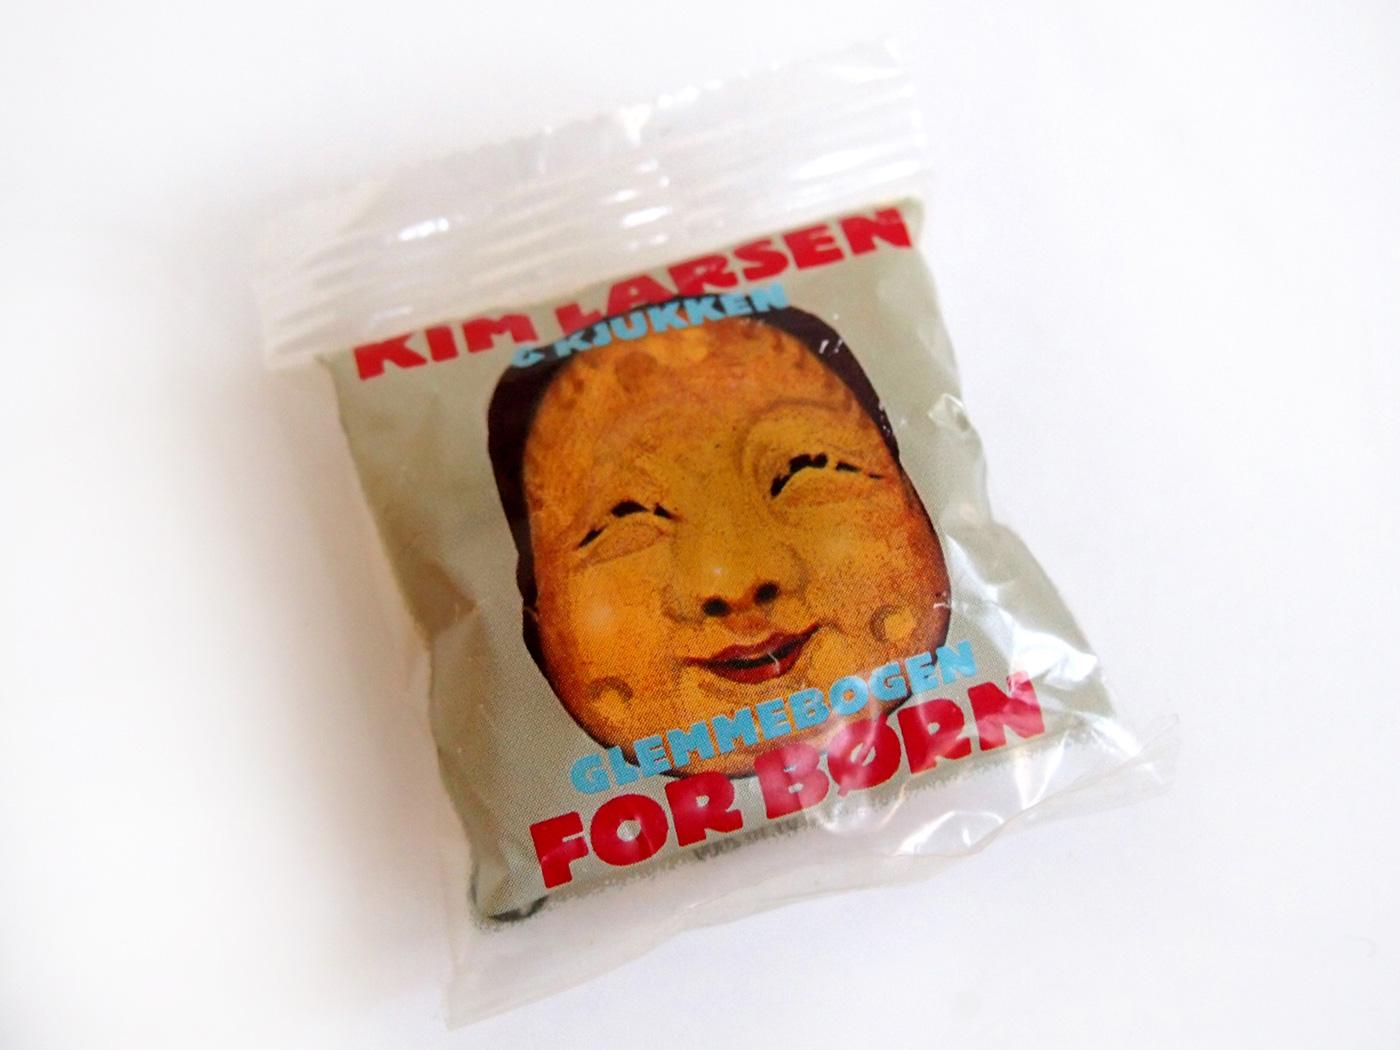 kim_larsen_slikpose_01